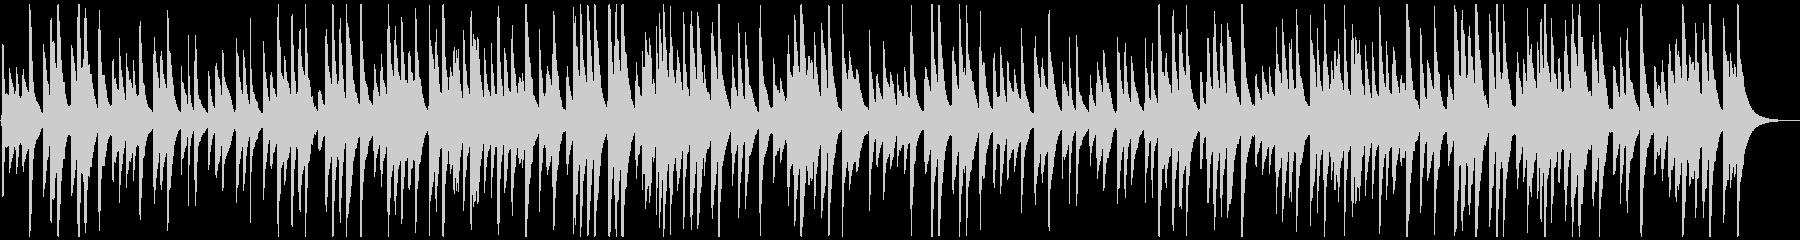 和風/落ち着いた料亭の上品な琴の未再生の波形